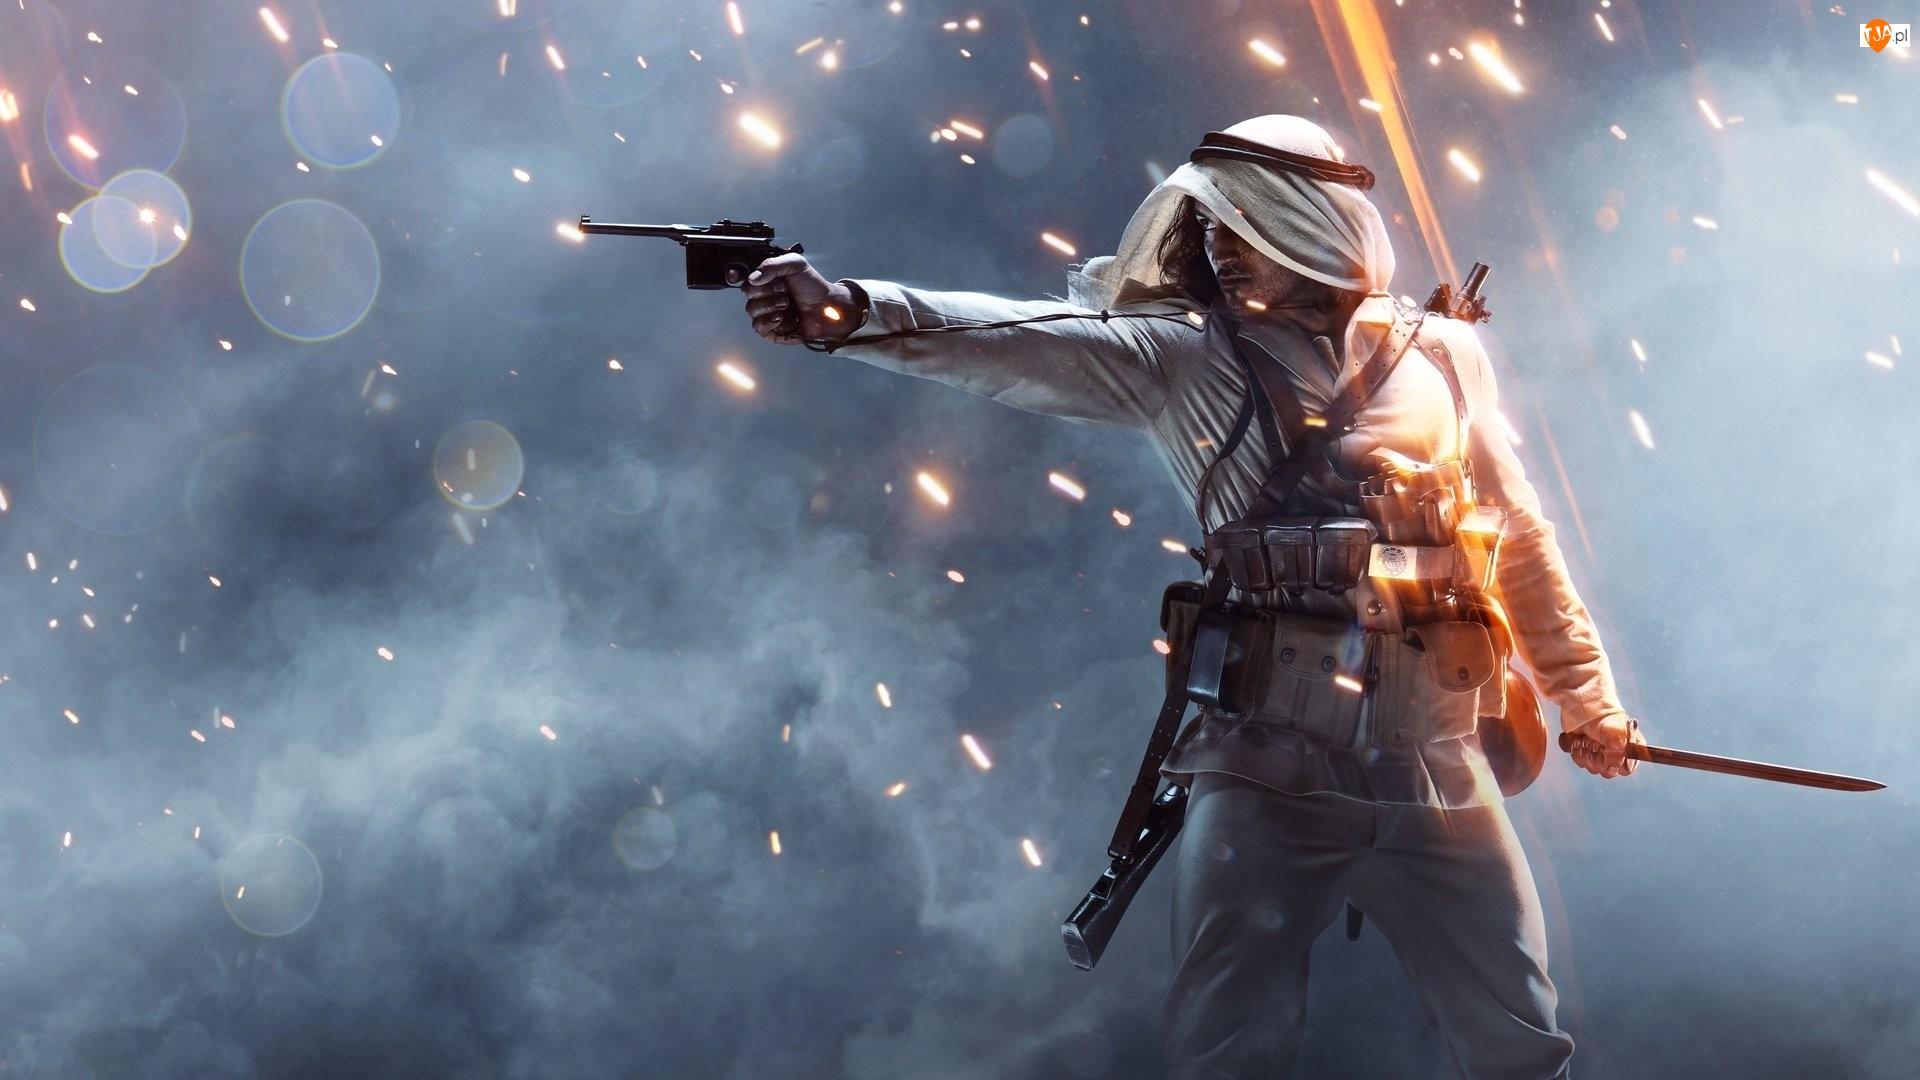 Żołnierz, Gra, Battlefield 1